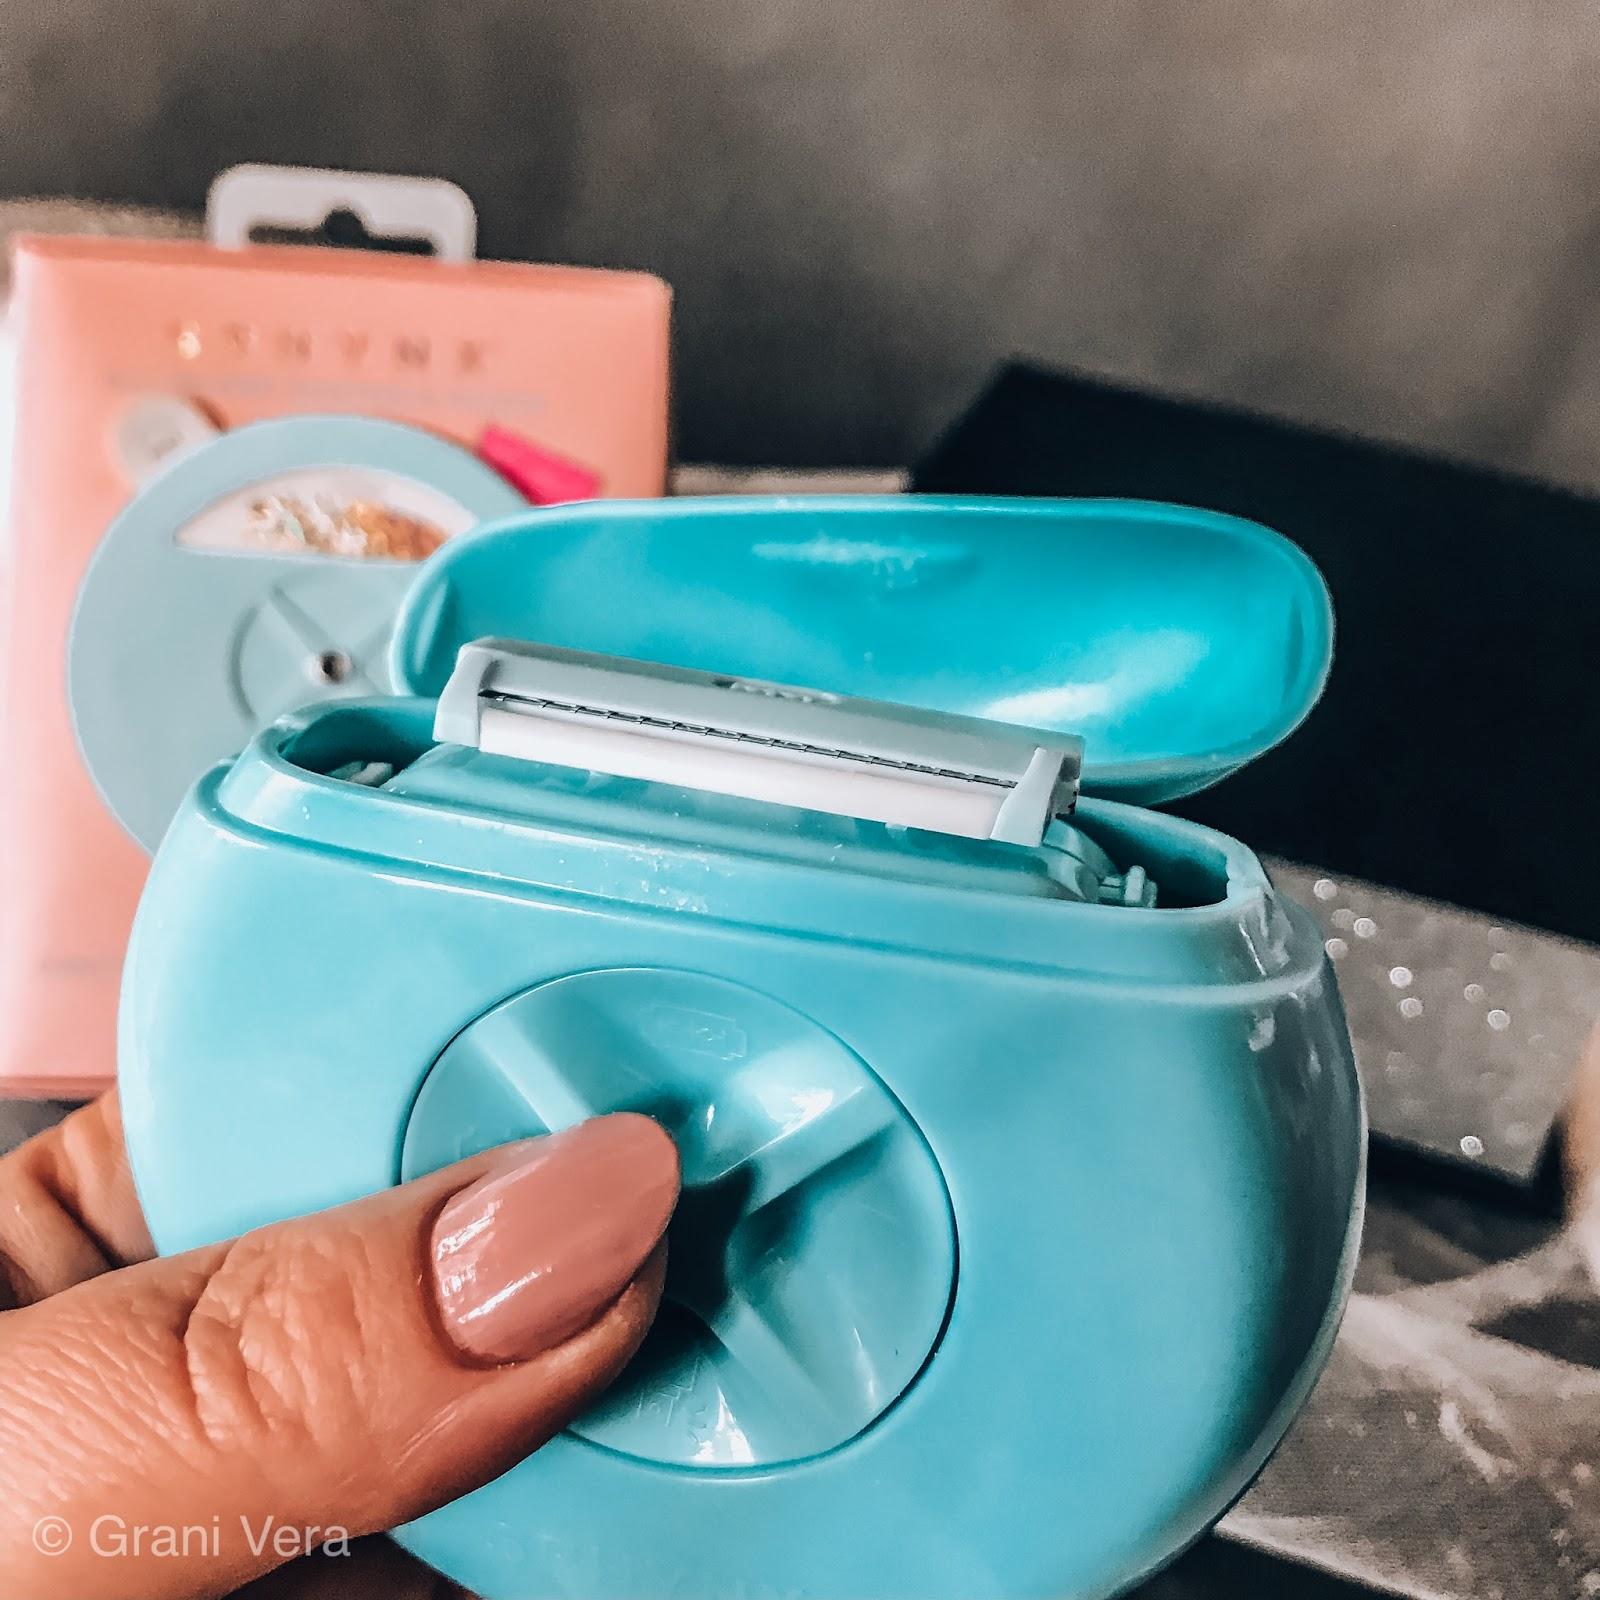 jak wygląda w środku jak wygląda psikadełko mydło  maszynka razor